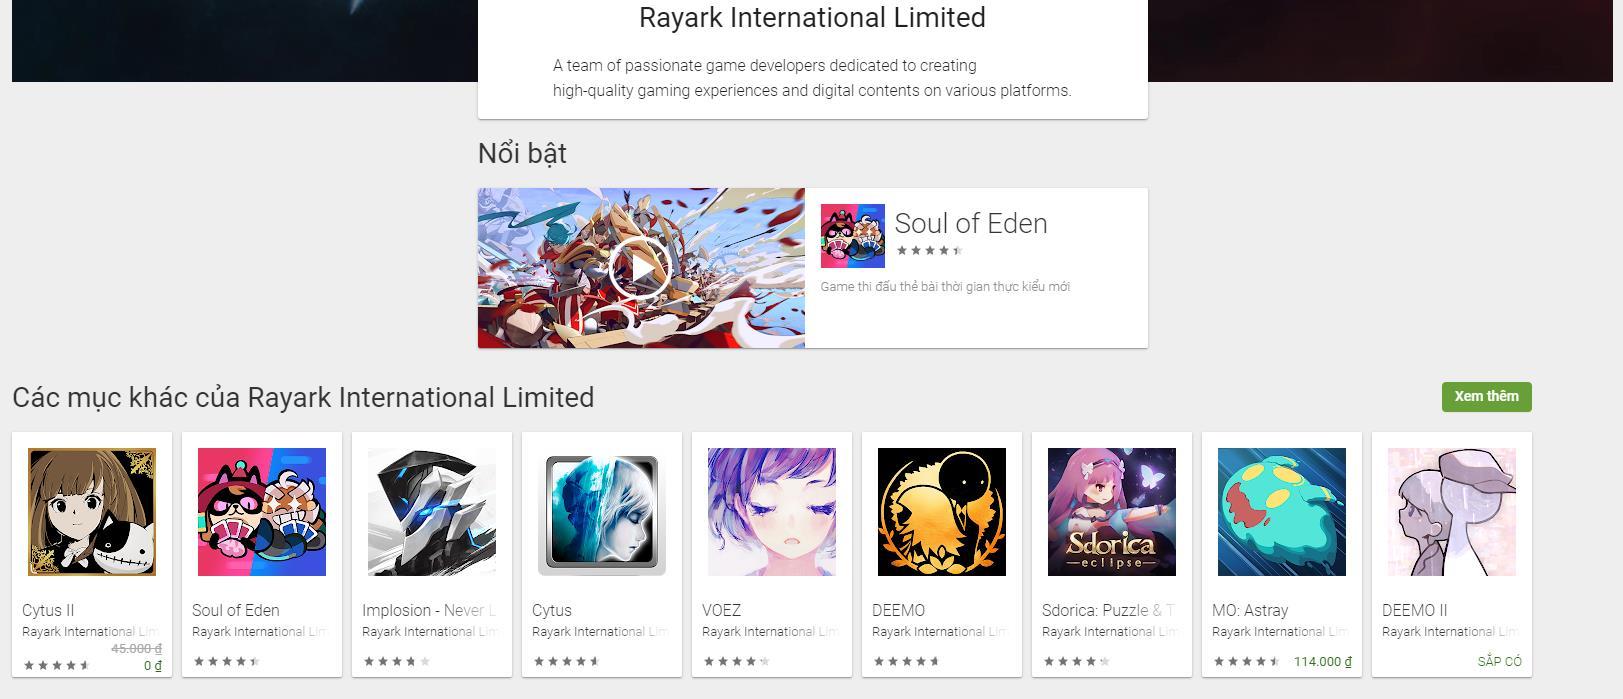 Top 10 trò chơi thể loại Rhythm hay nhất dành cho Android - Ảnh 18.